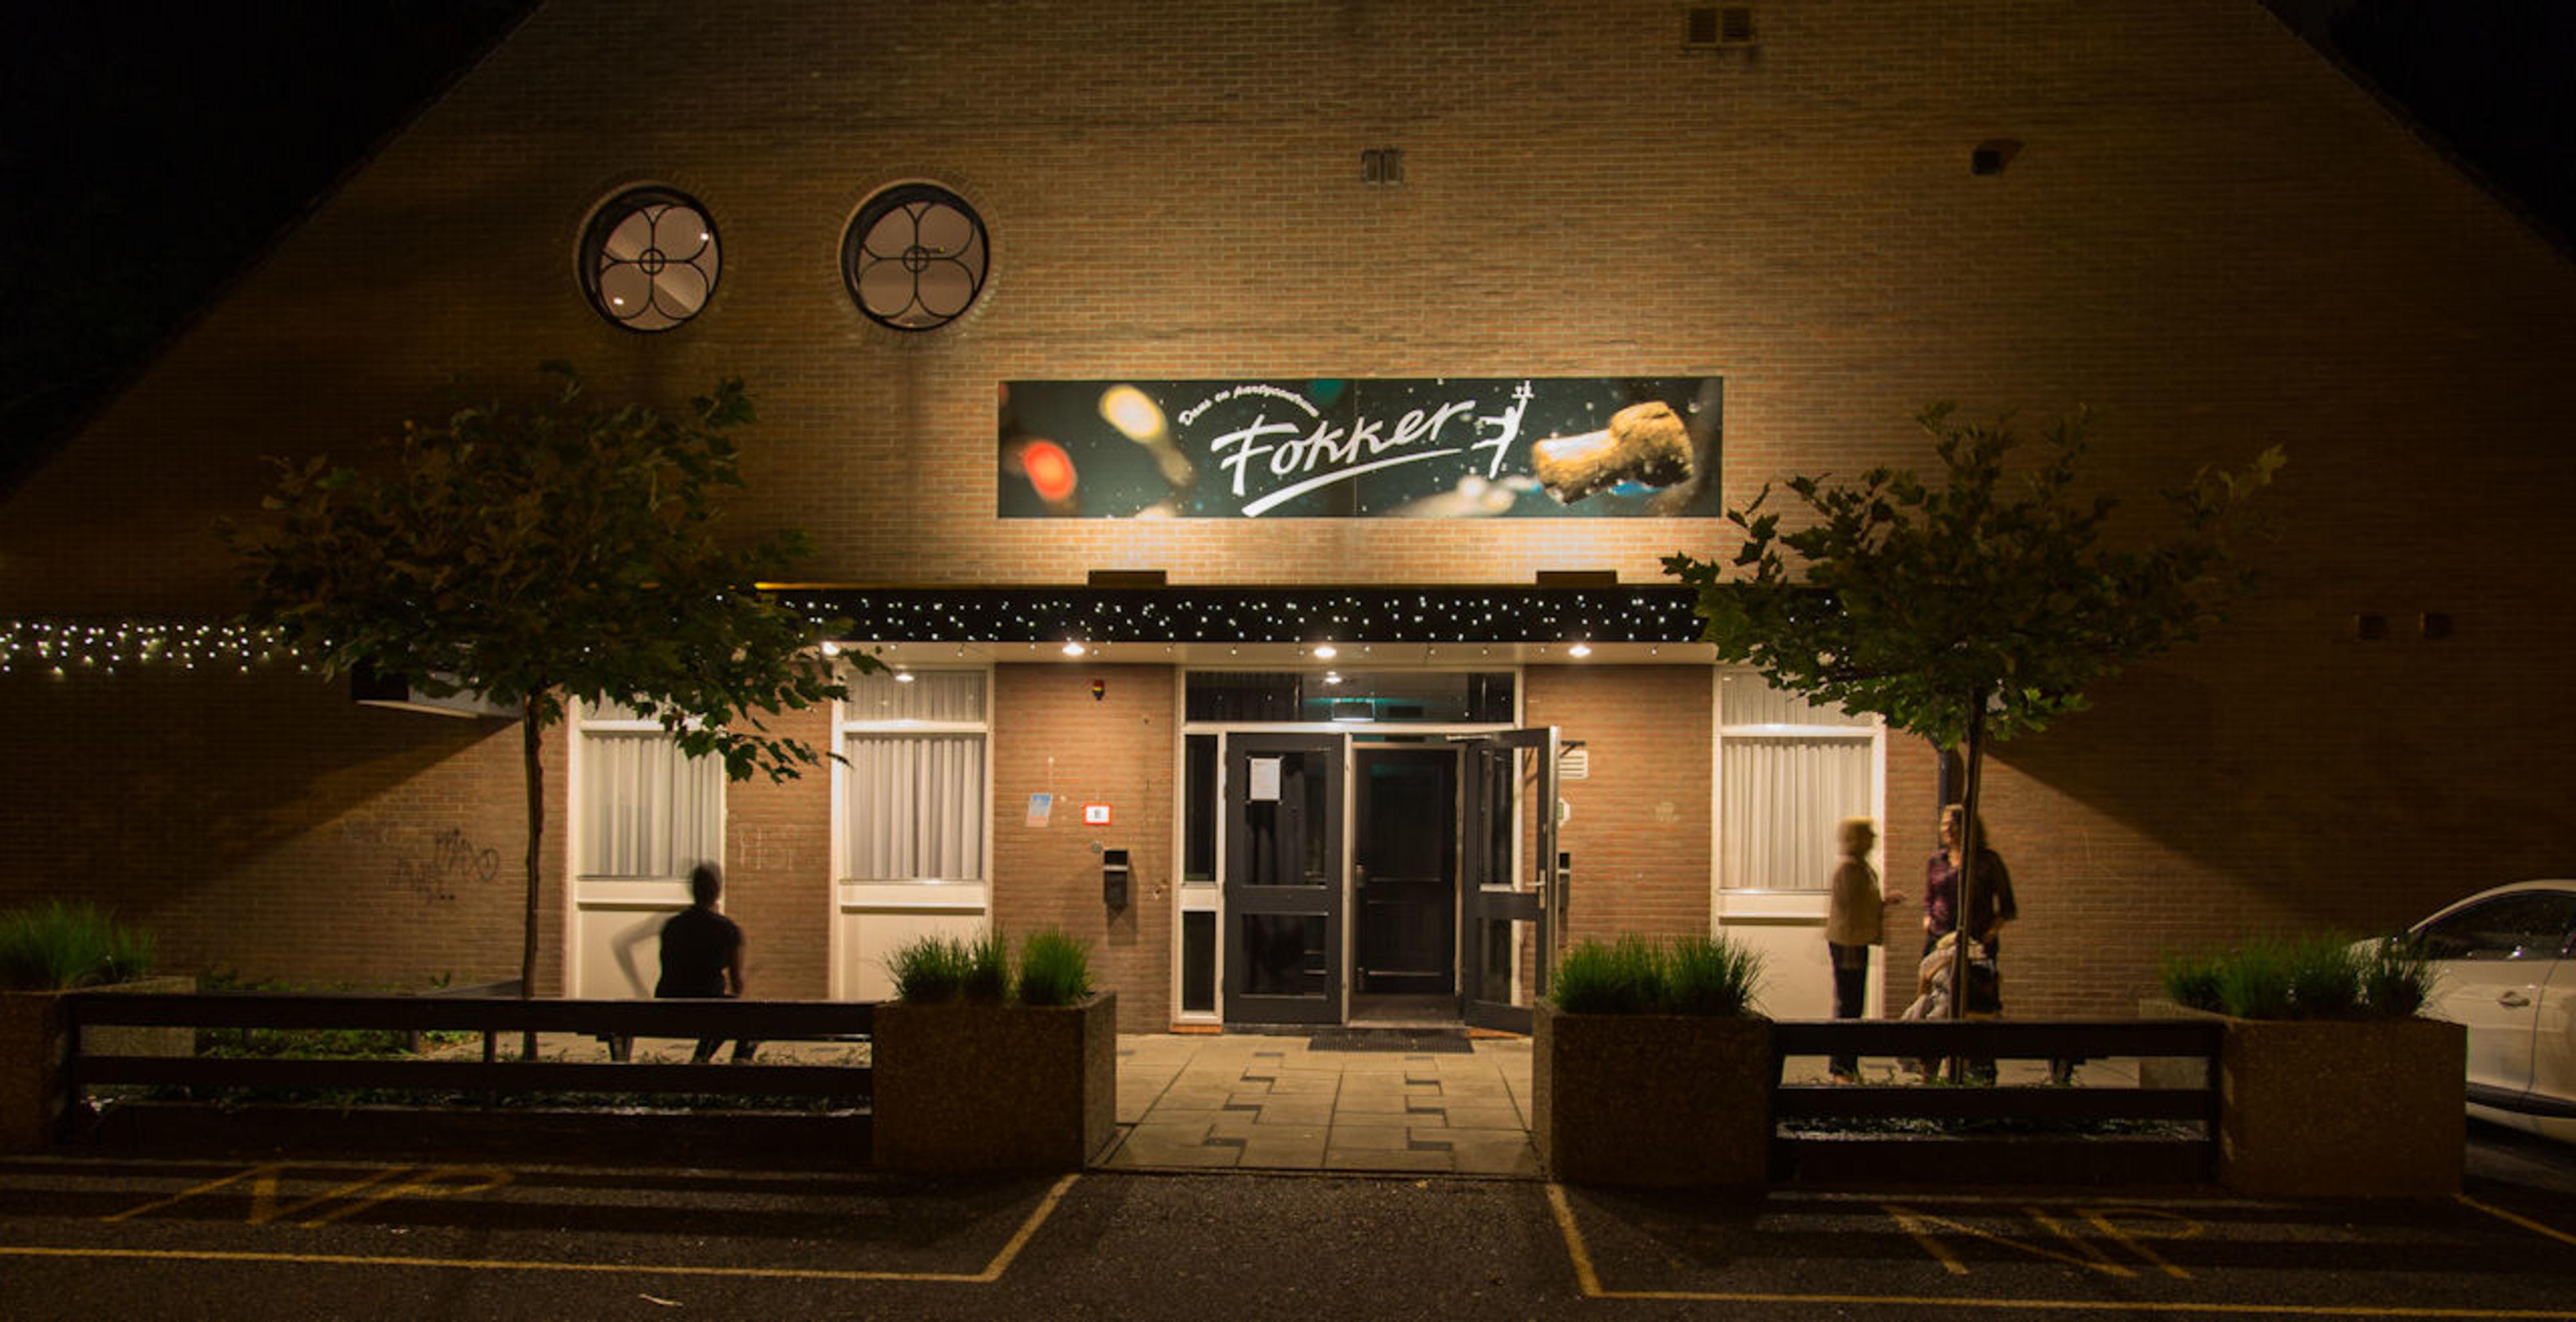 Event Center Fokker Hoofddorp